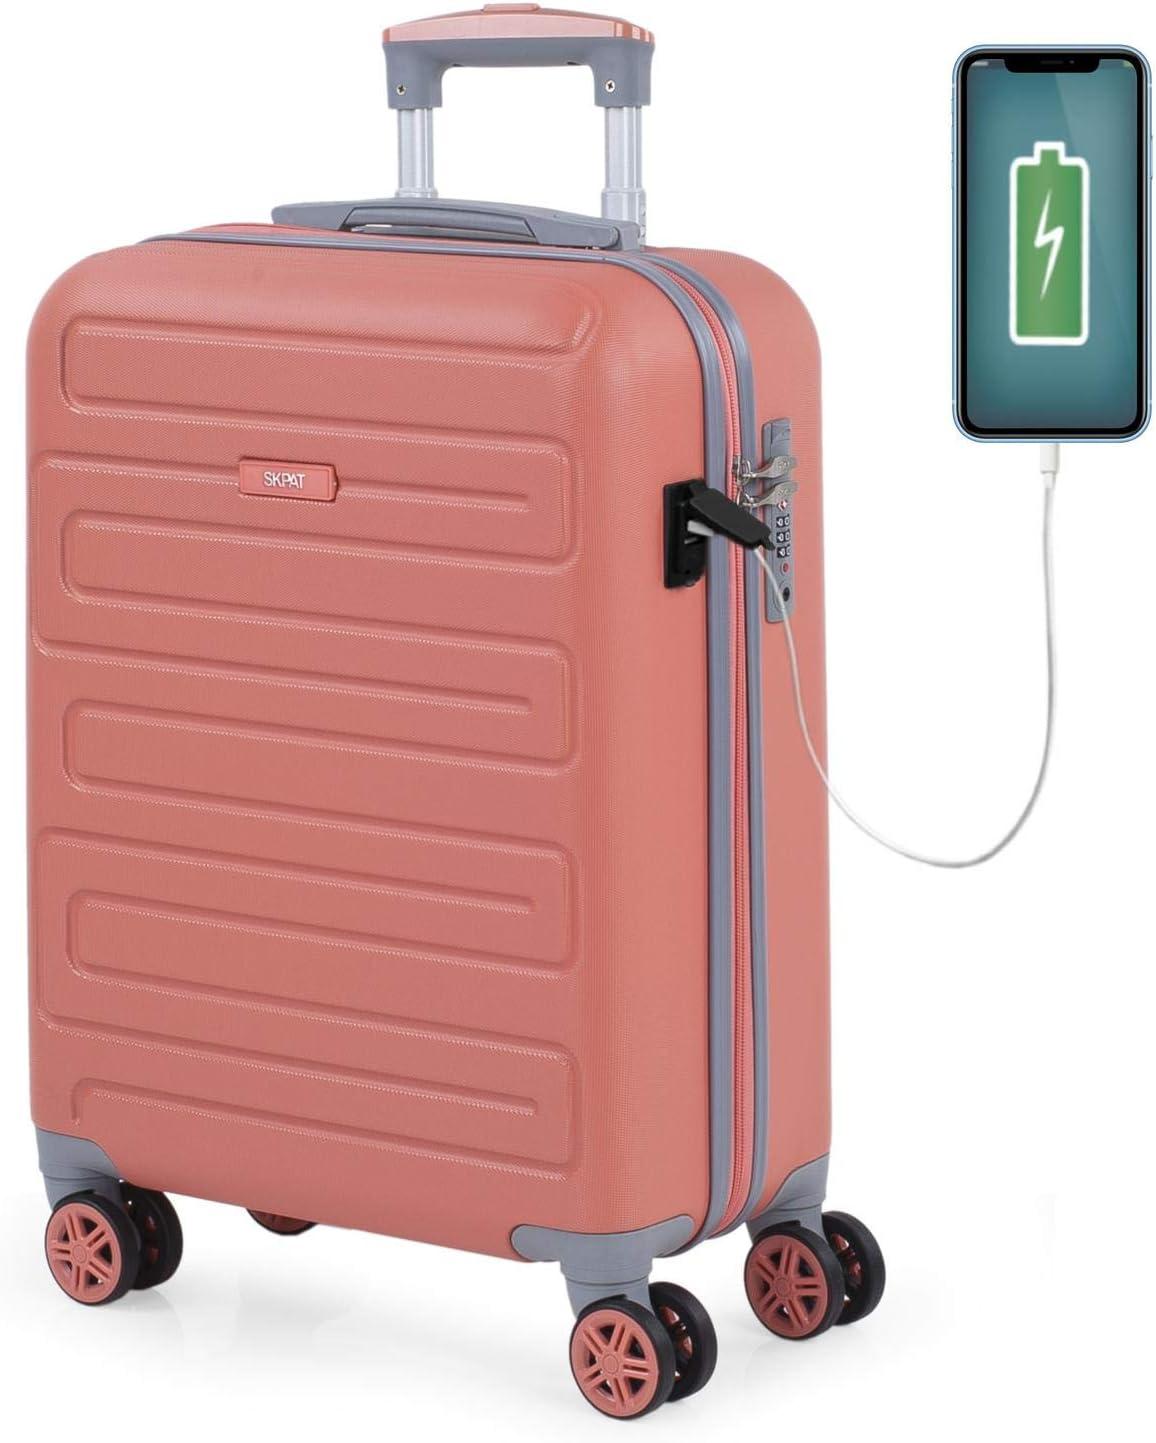 SKPAT - Maleta de Cabina para Viaje. Puerto para Cargador USB. 4 Ruedas Trolley 55 cm. ABS. Equipaje de Mano. Pequeña Rígida Cómoda y Ligera. Candado TSA. Calidad. 175050, Color Coral